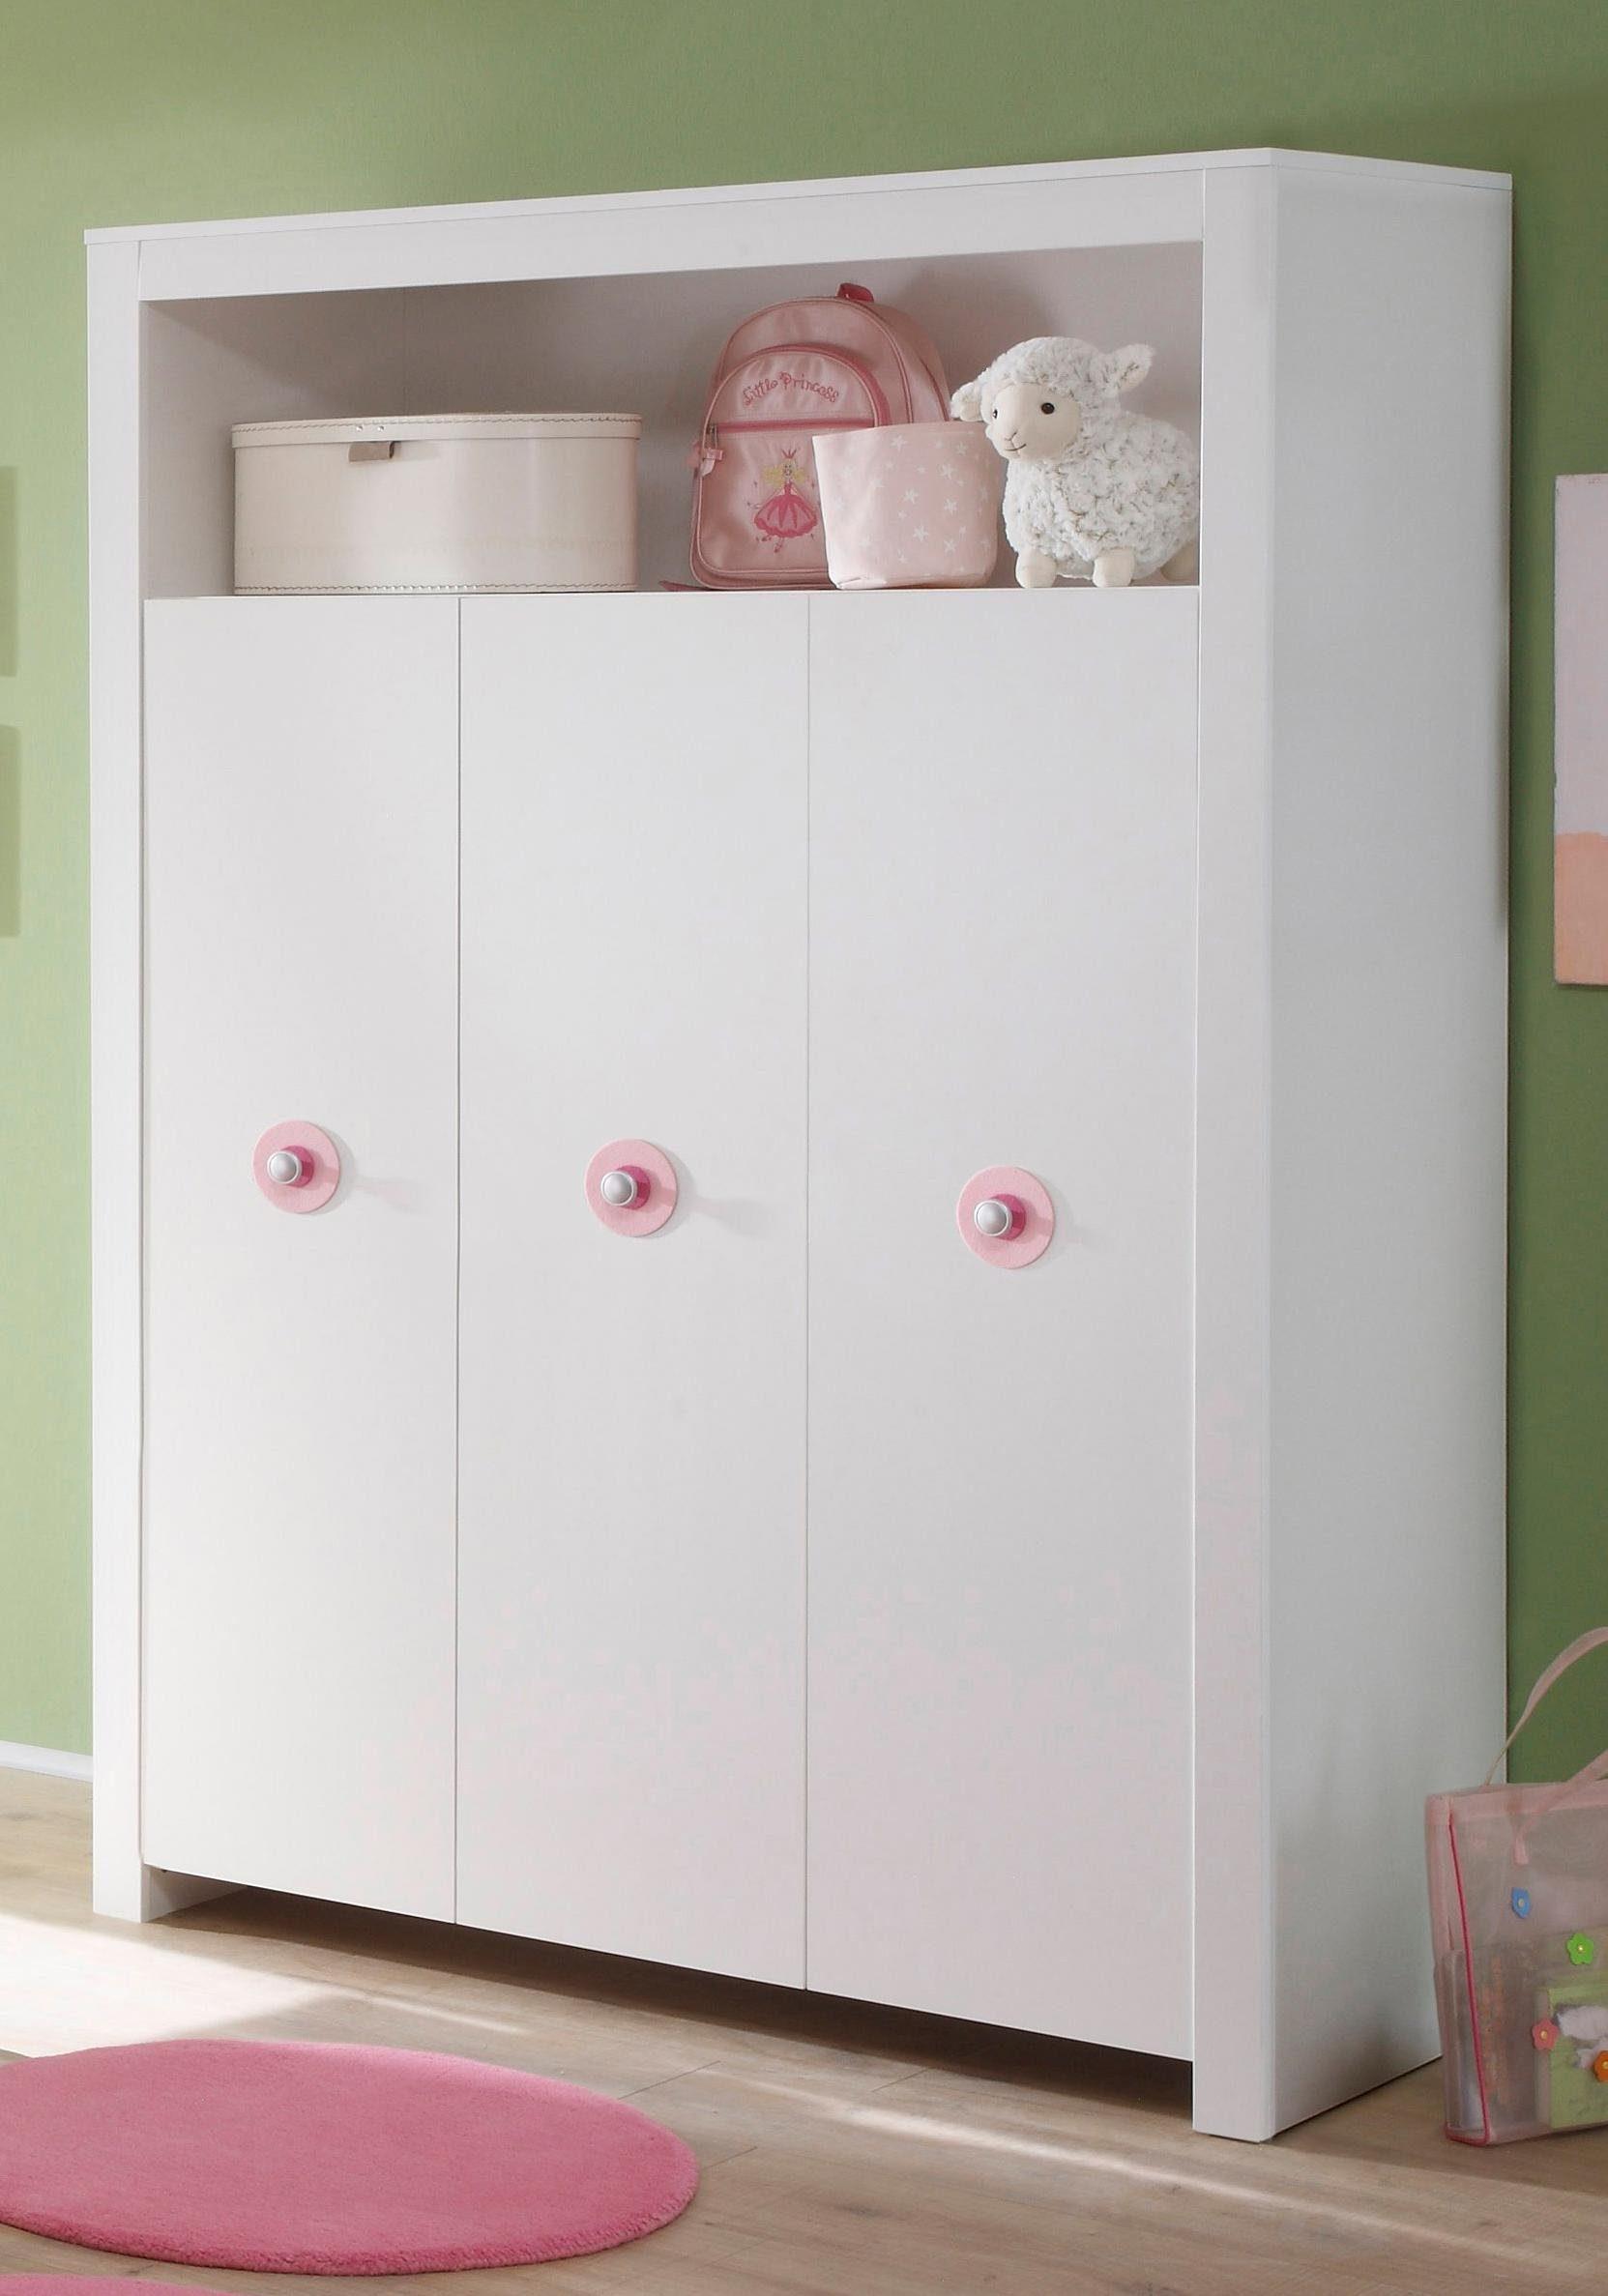 Kleiderschrank zur Babymöbel Serie »Trend« in weiß